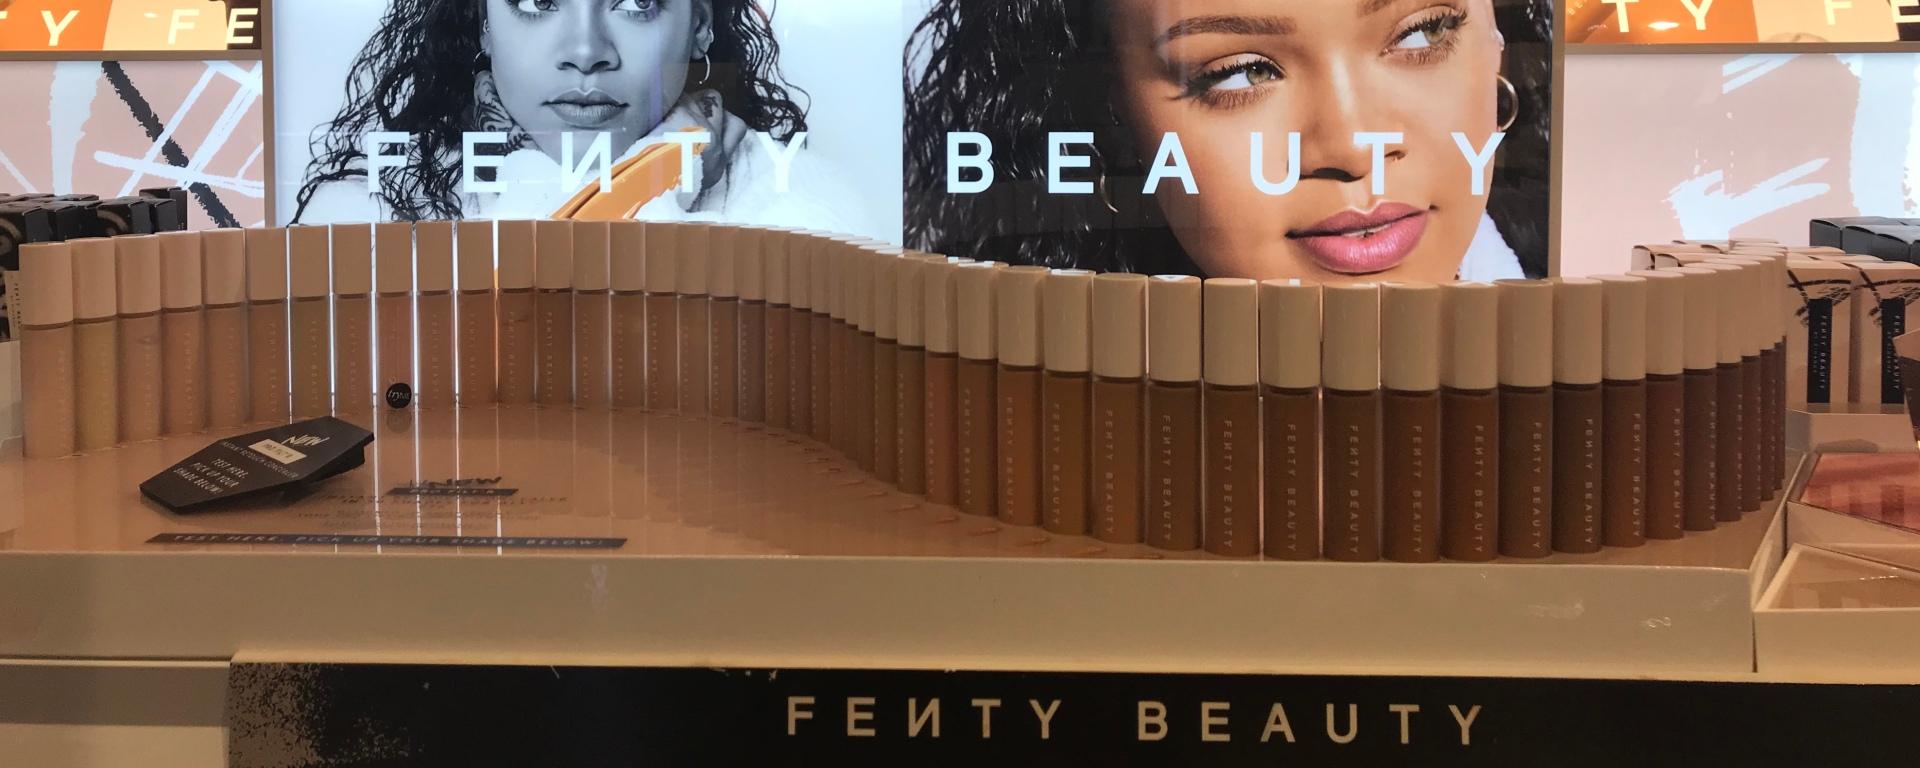 Rihanna's Fenty Beauty shade range